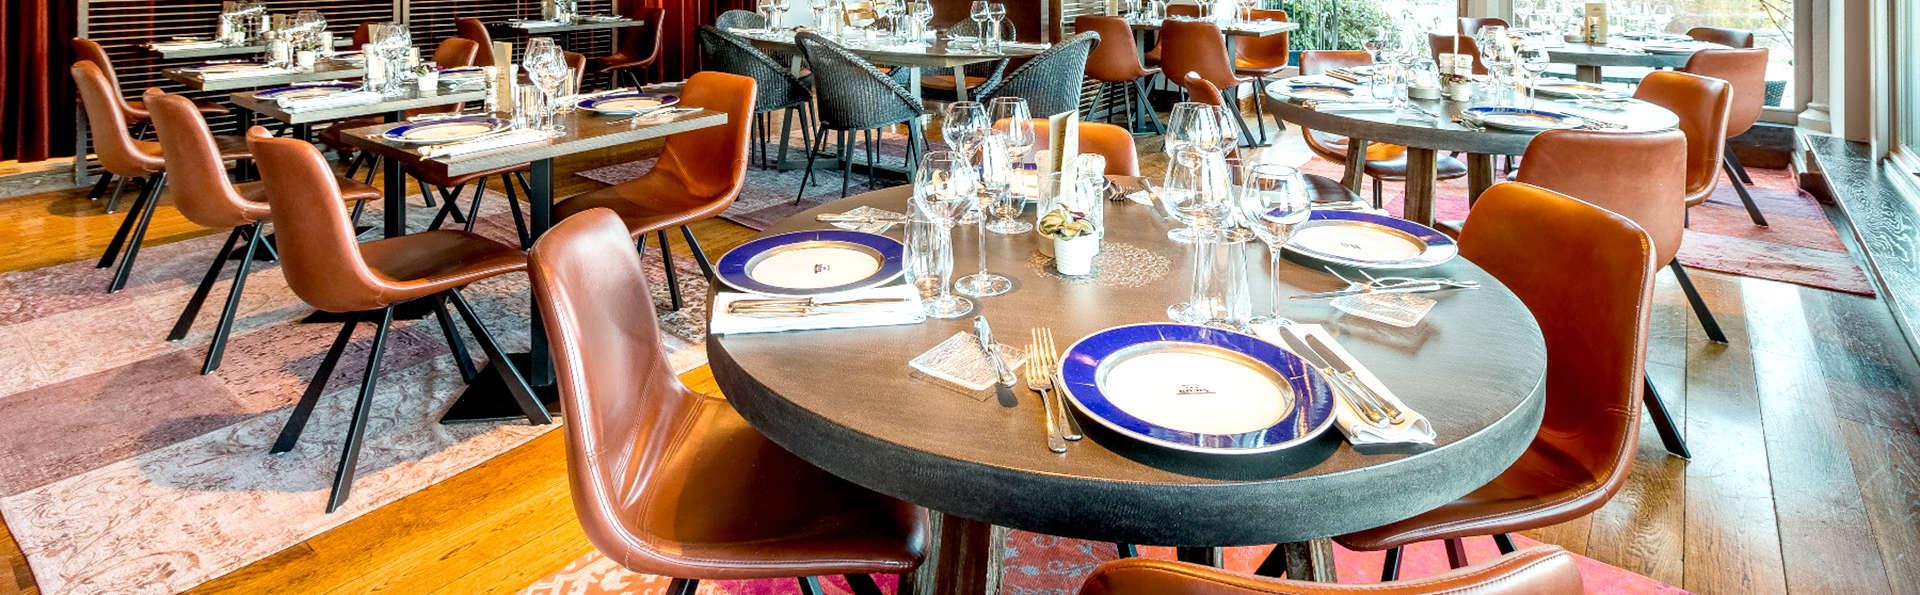 Plaisir culinaire et relaxant dans un hôtel de luxe 5* près de Bruxelles (à partir de 2 nuits)